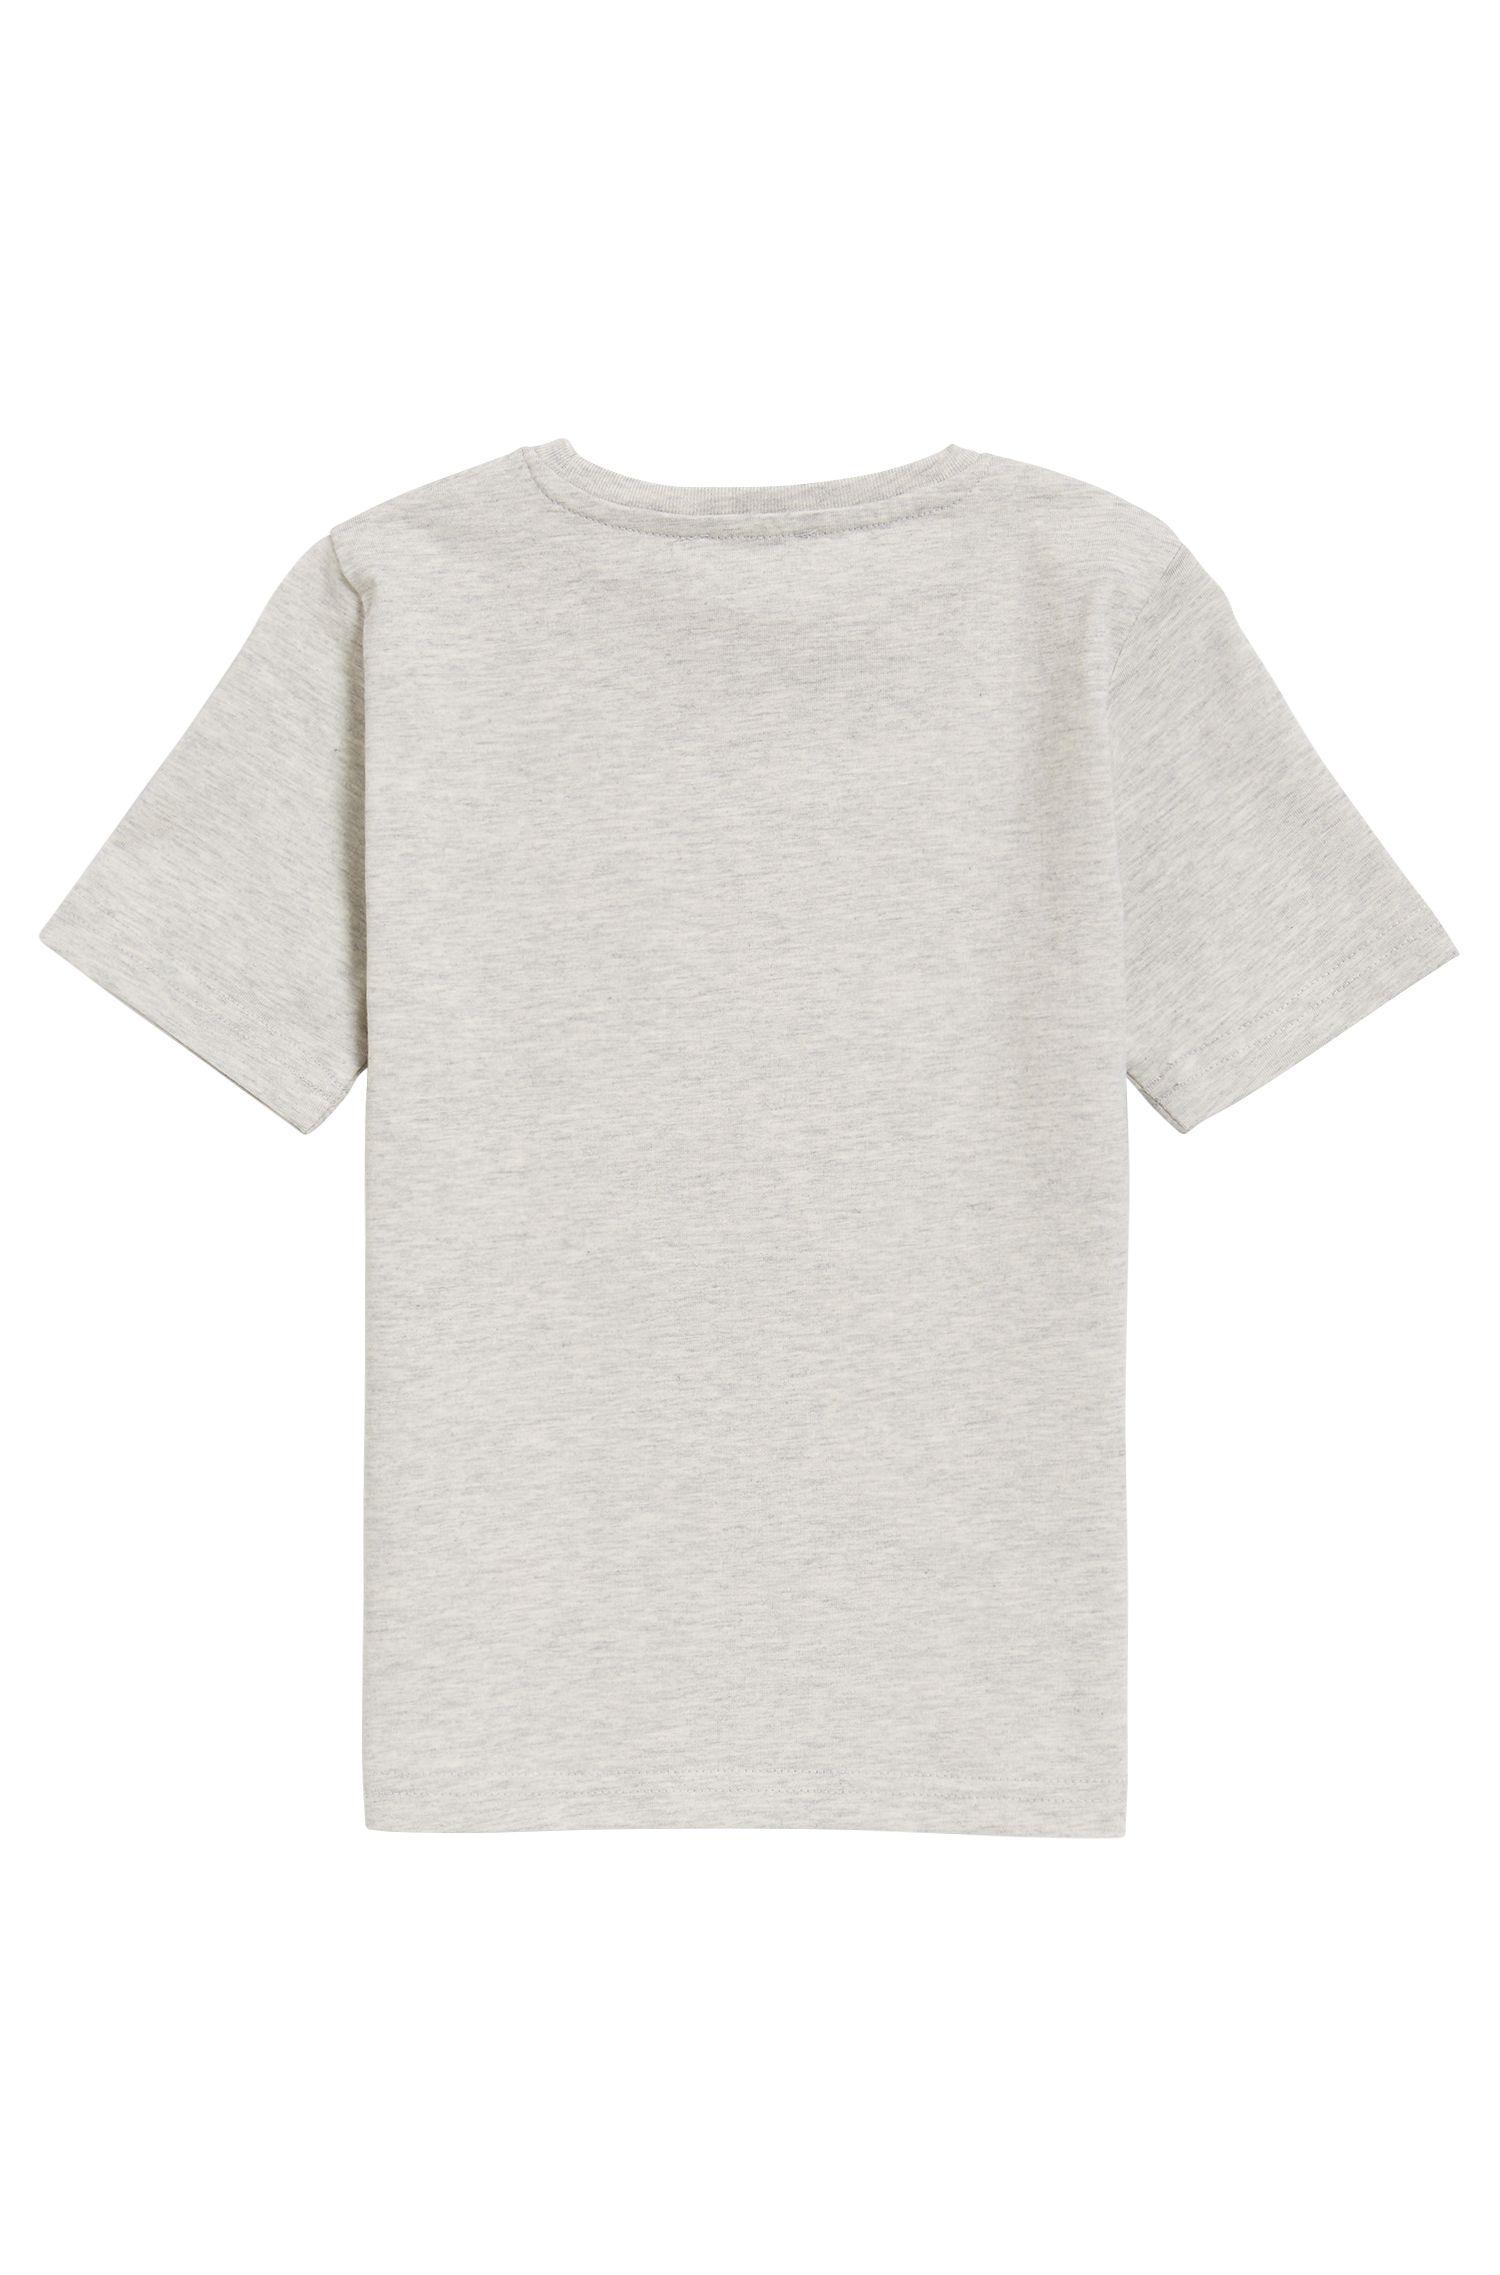 T-shirt da bambino in jersey di cotone con logo, Grigio chiaro